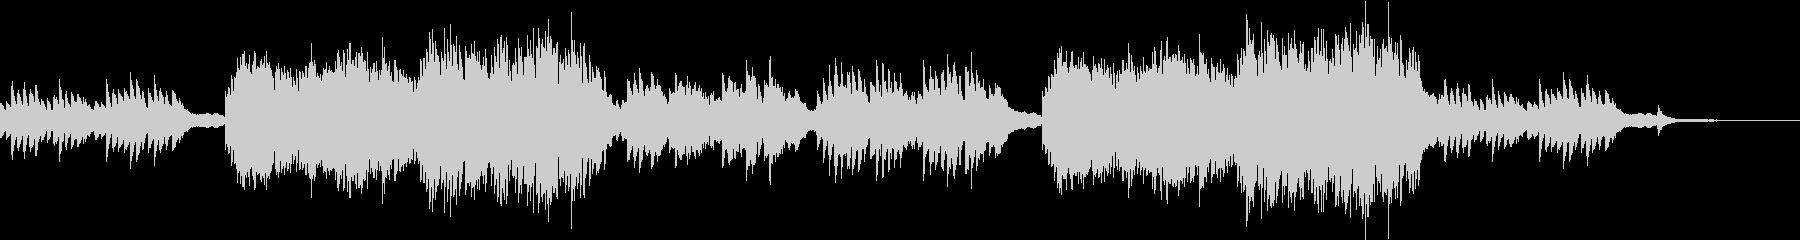 クラシック交響曲 憂鬱 悲しい ピ...の未再生の波形